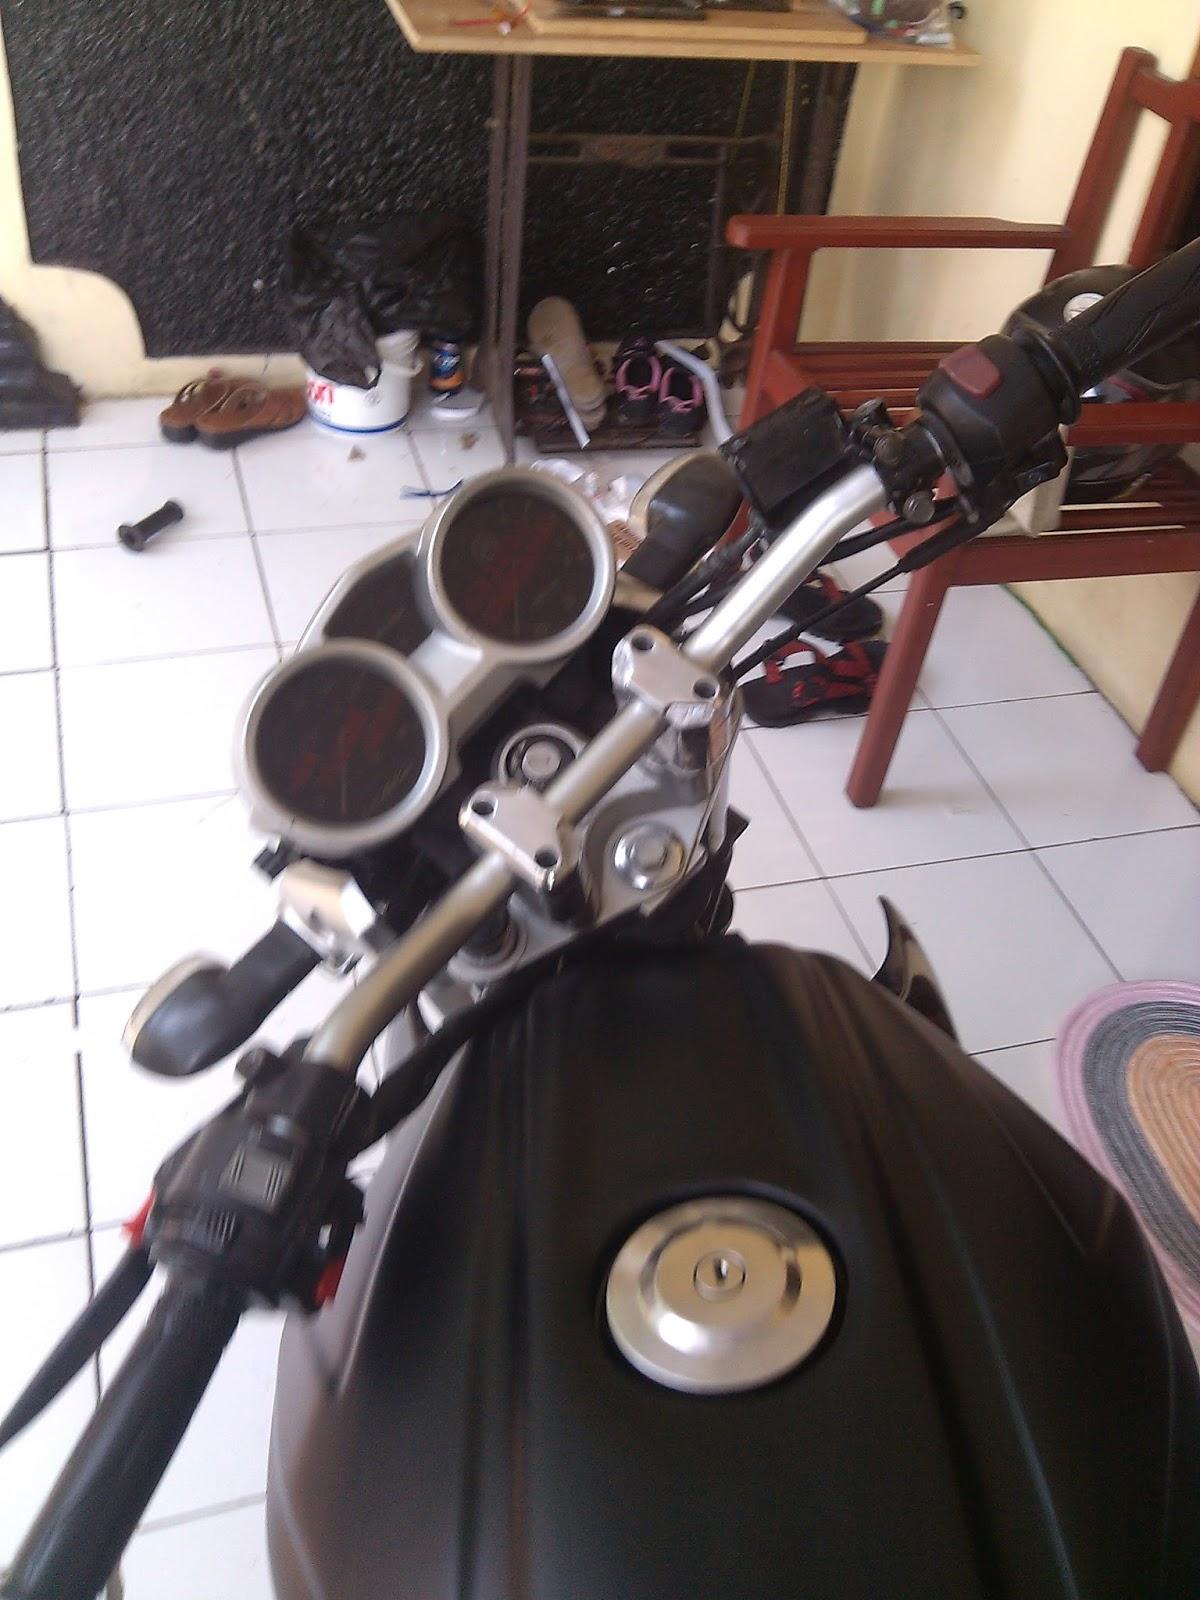 Koleksi 89 Modifikasi Old Vixion Stang Tinggi Terbaru Ruji Motor Raiser Modif Ala Street Fighte Pasang Byson Di